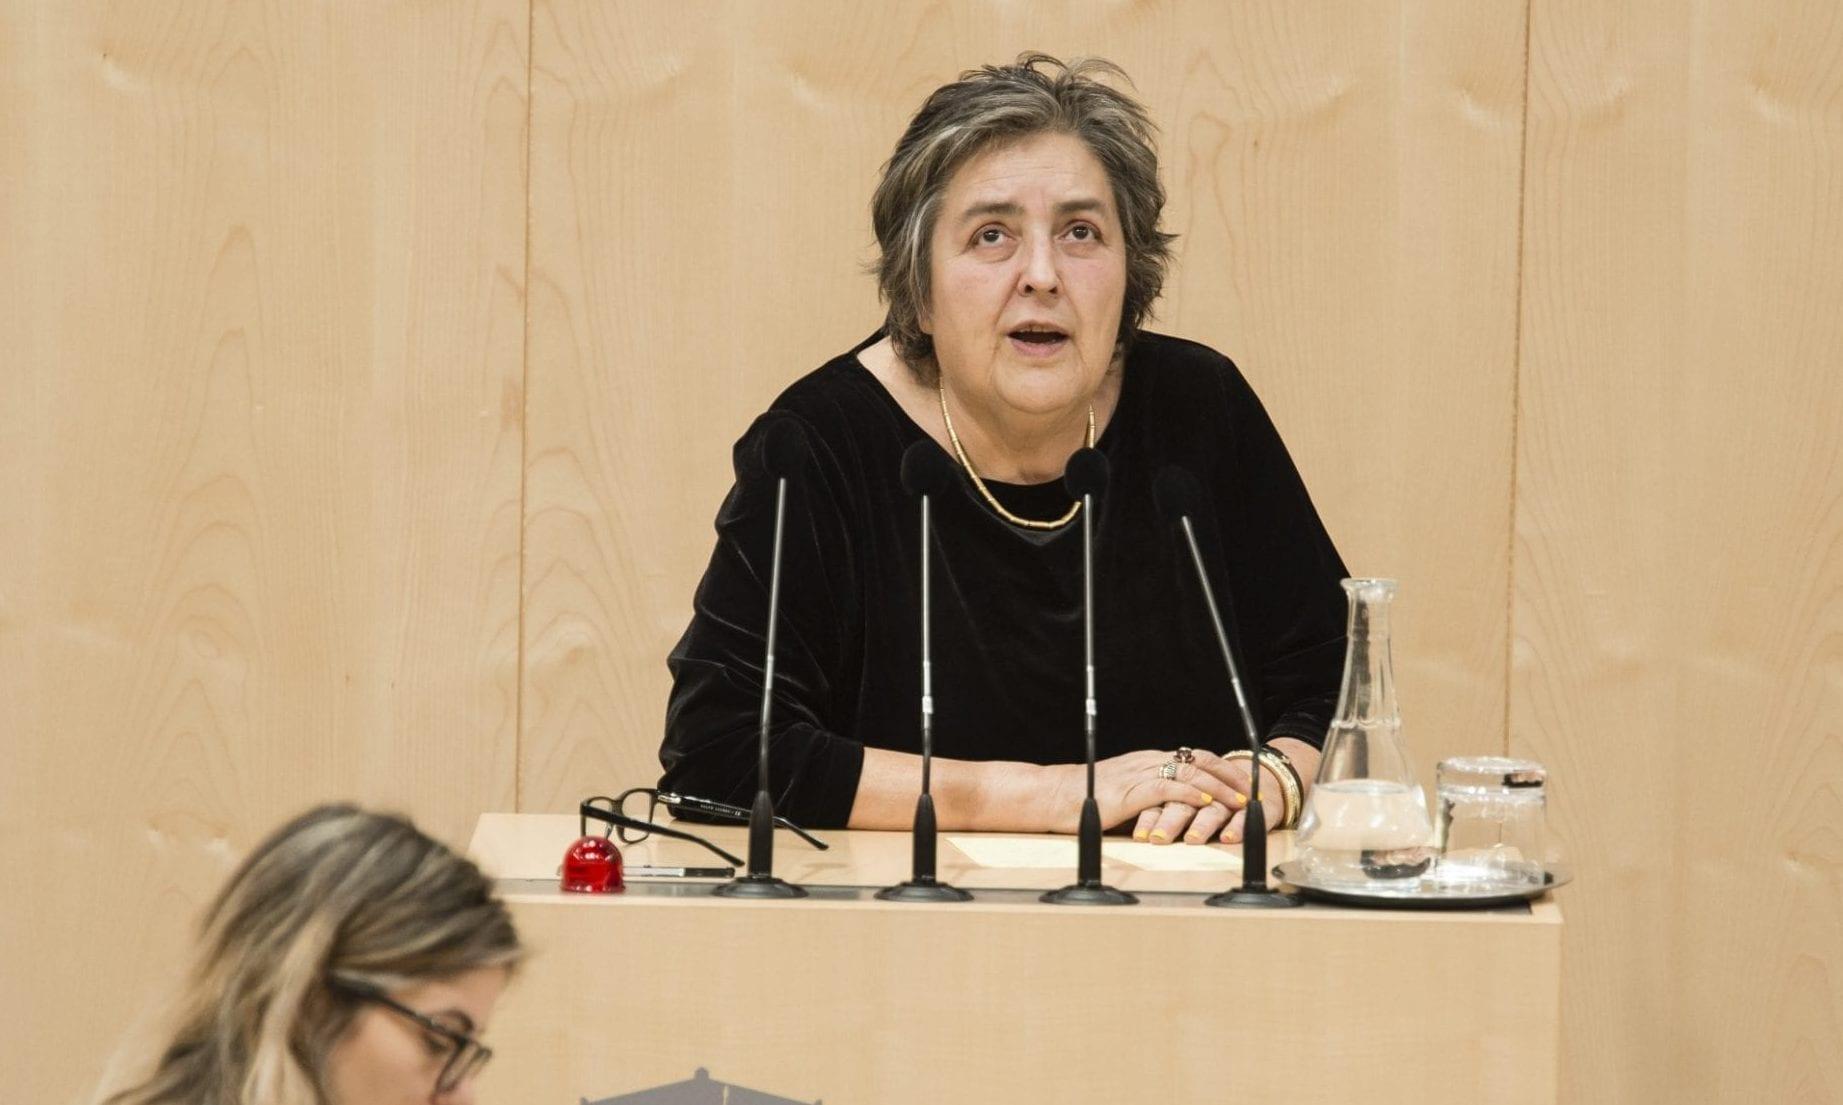 Eva Blimlinger